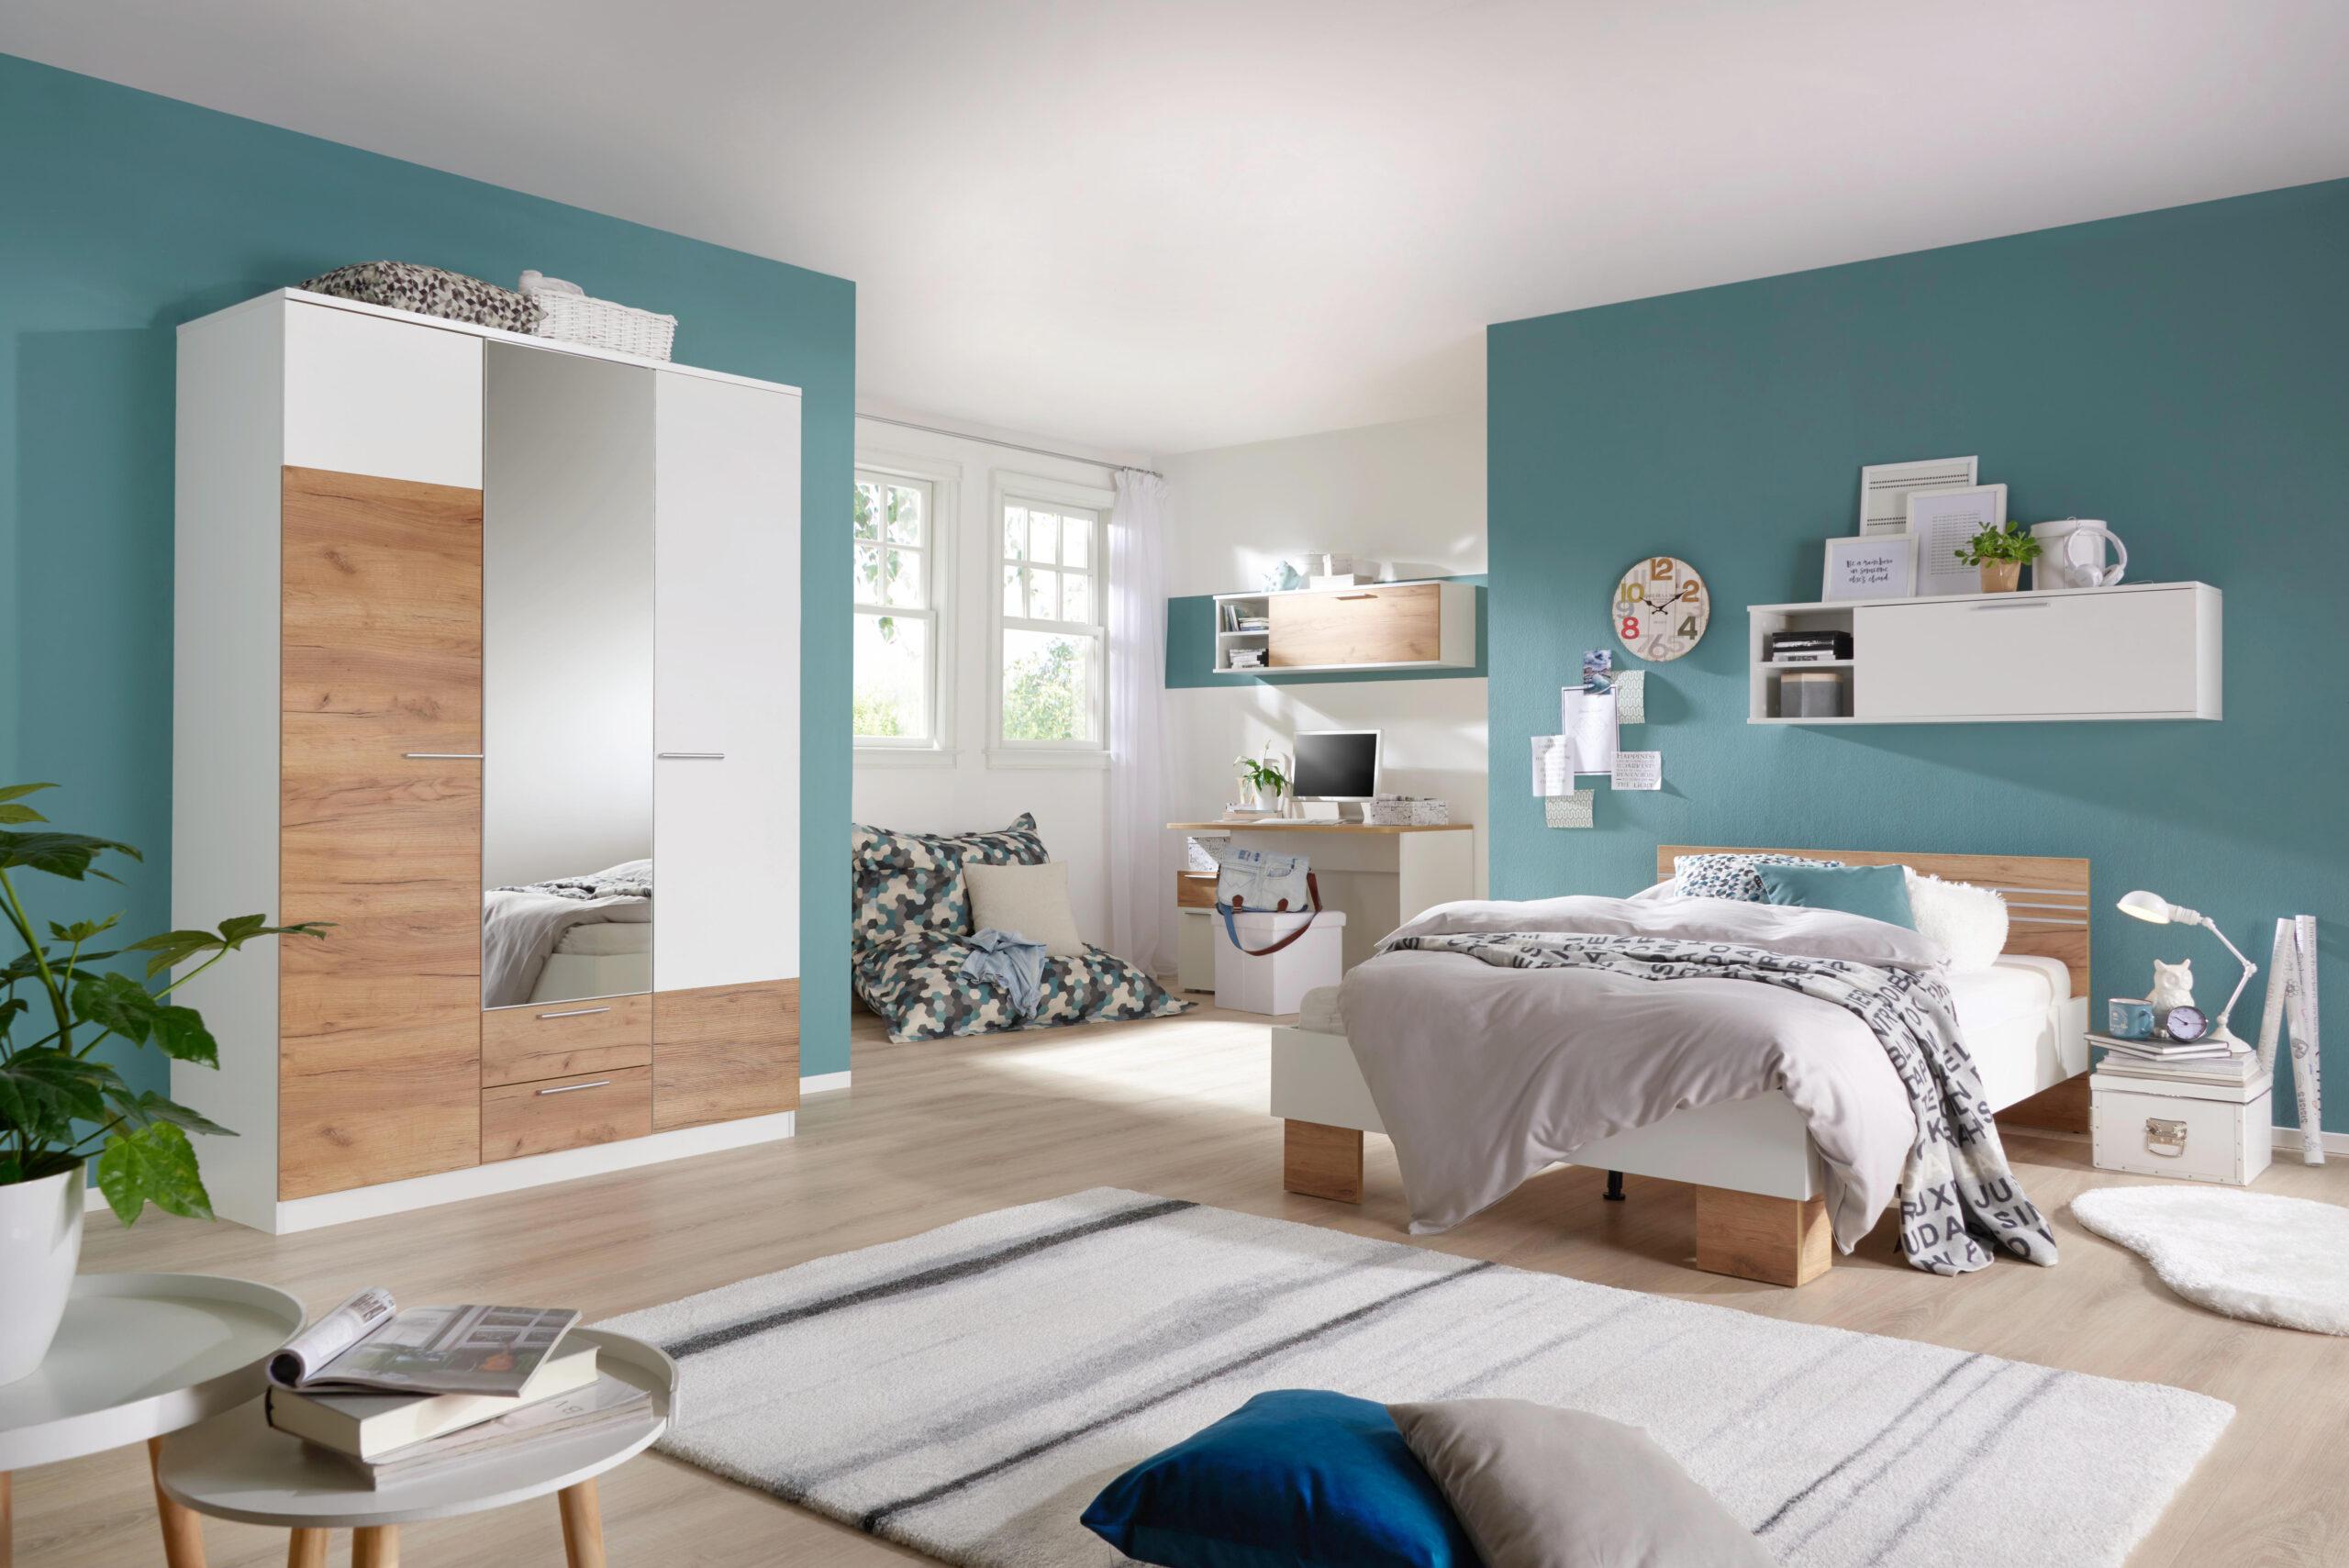 Full Size of Komplette Jugenzimmer Online Finden Xxxlutz Jugendzimmer Bett Xora Sofa Wohnzimmer Xora Jugendzimmer